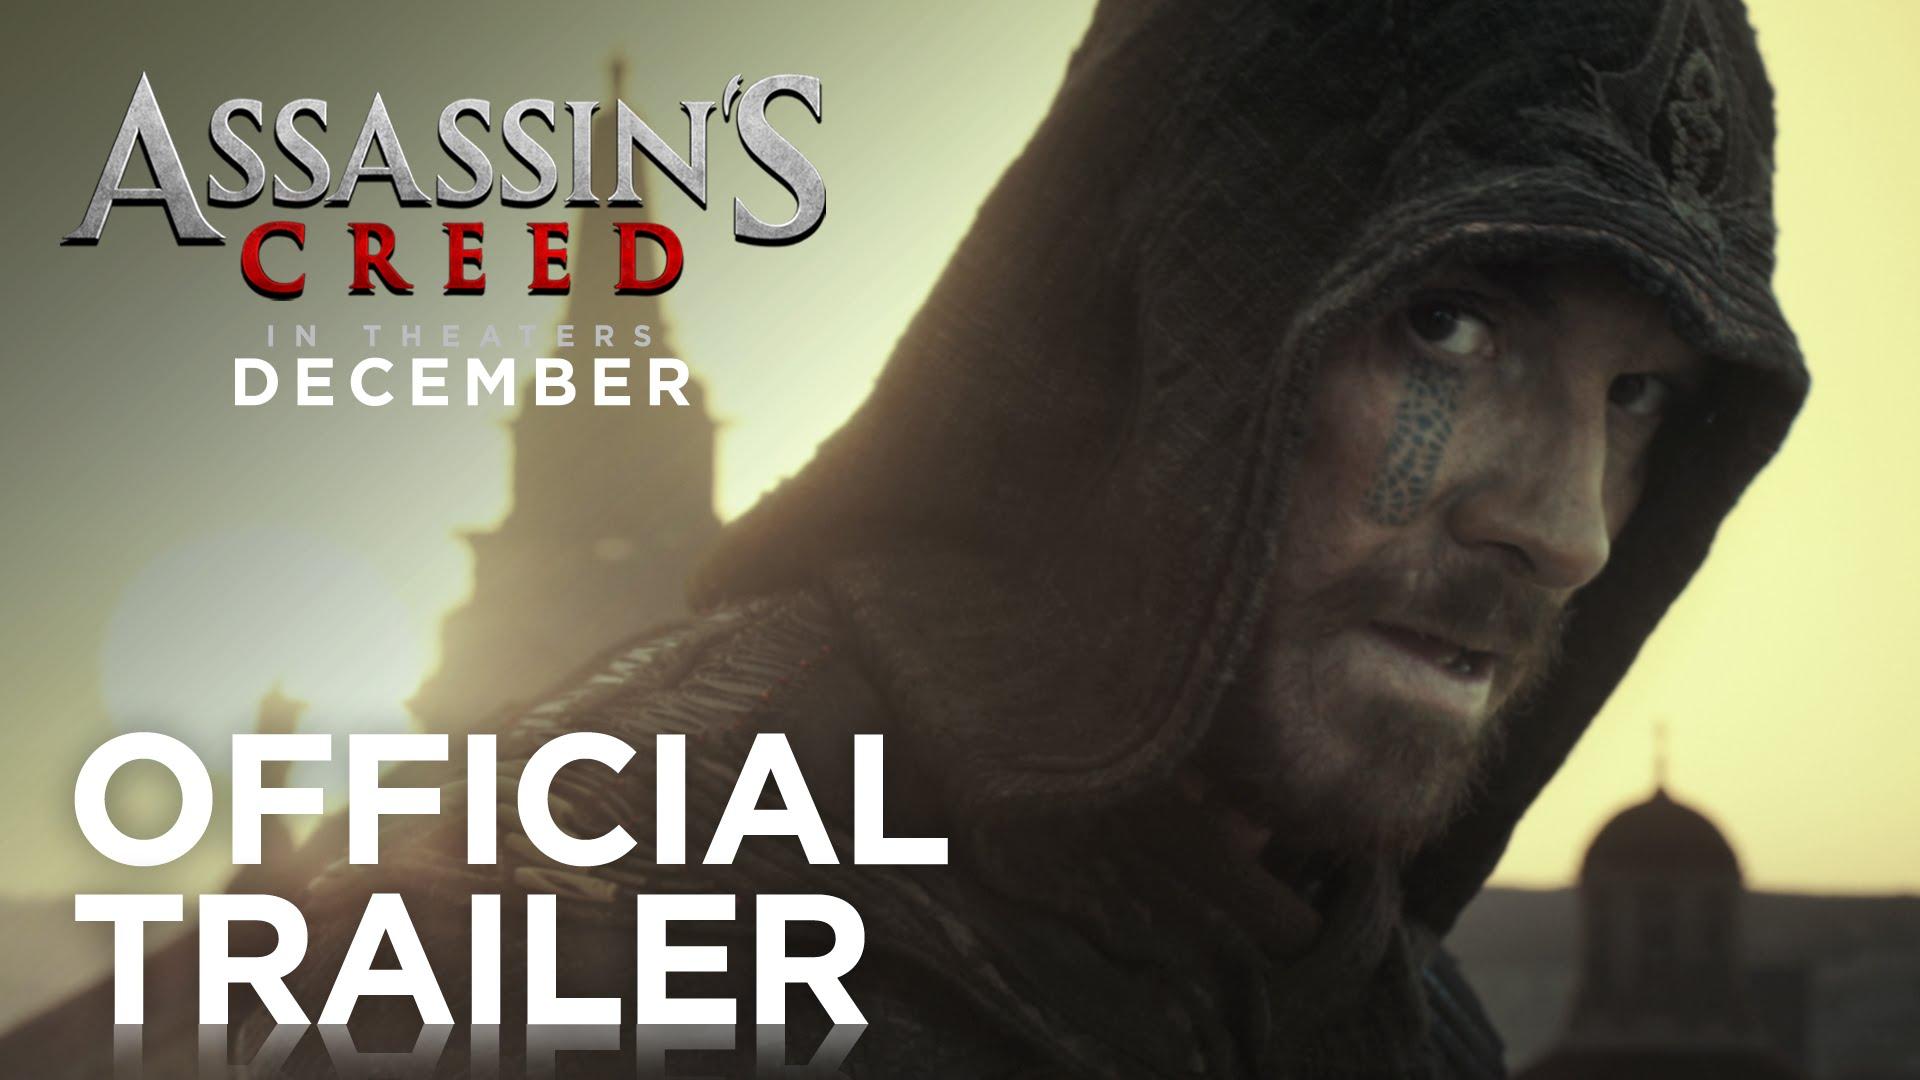 Primul trailer pentru filmul Assassin's Creed a fost publicat